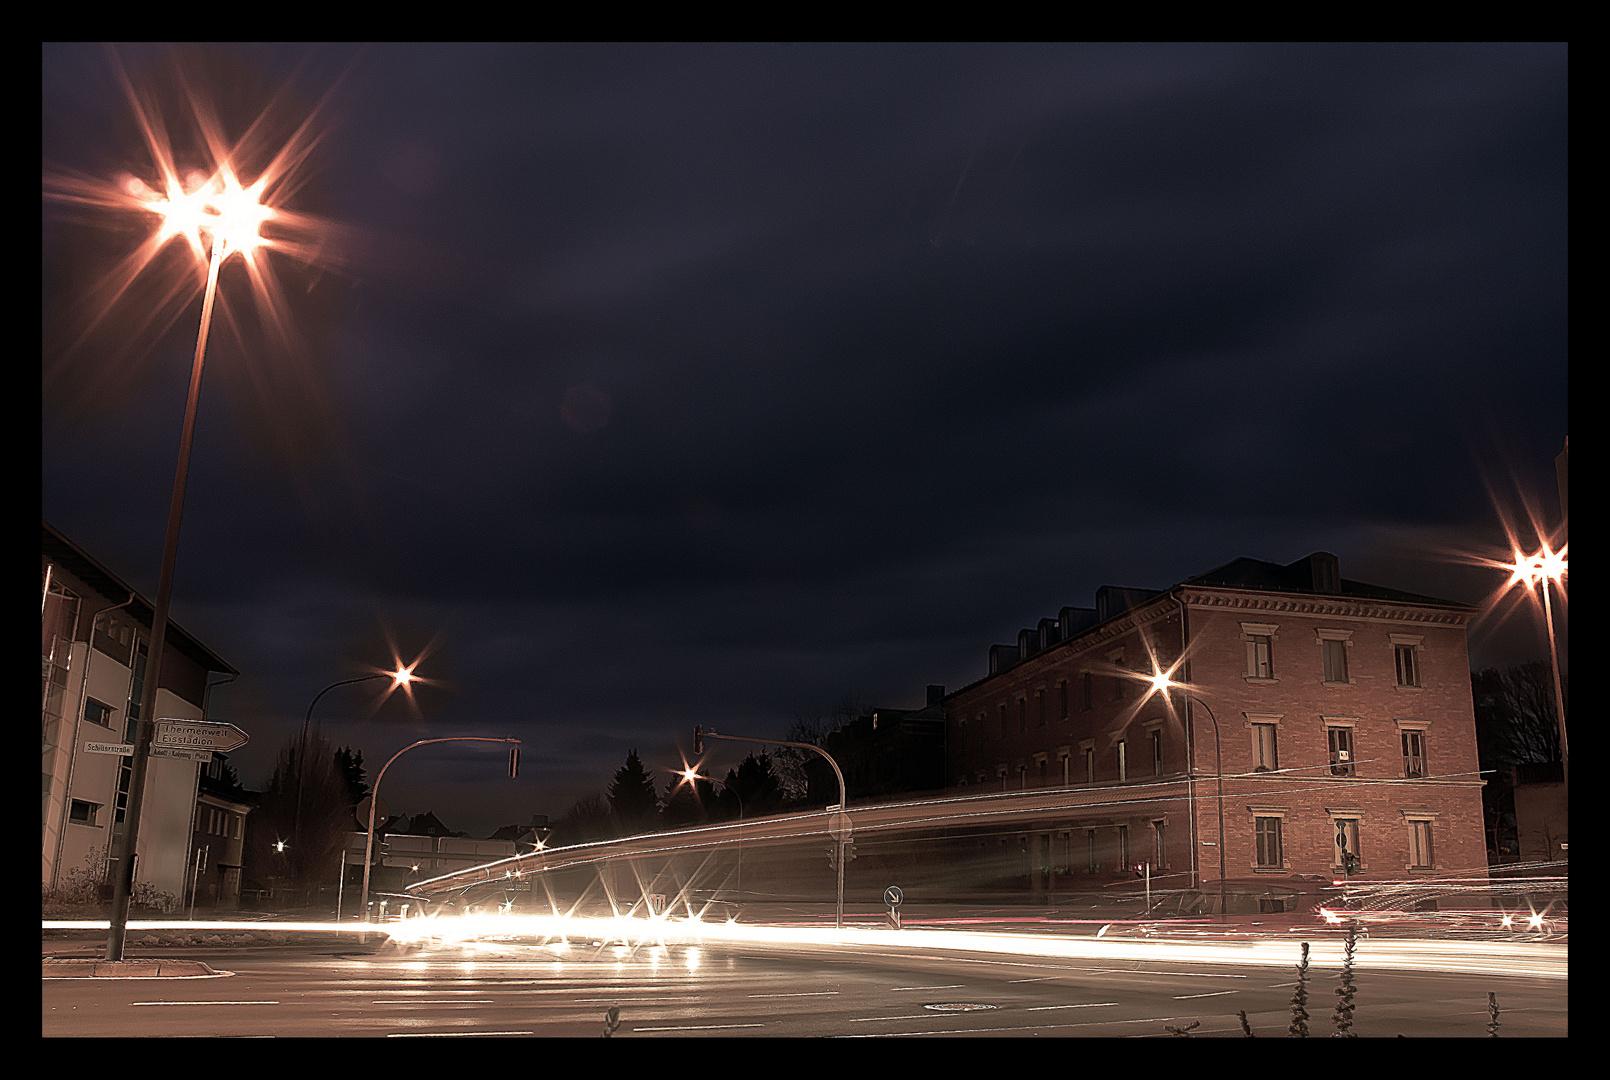 Lichter auf der Kreuzung in der Nacht